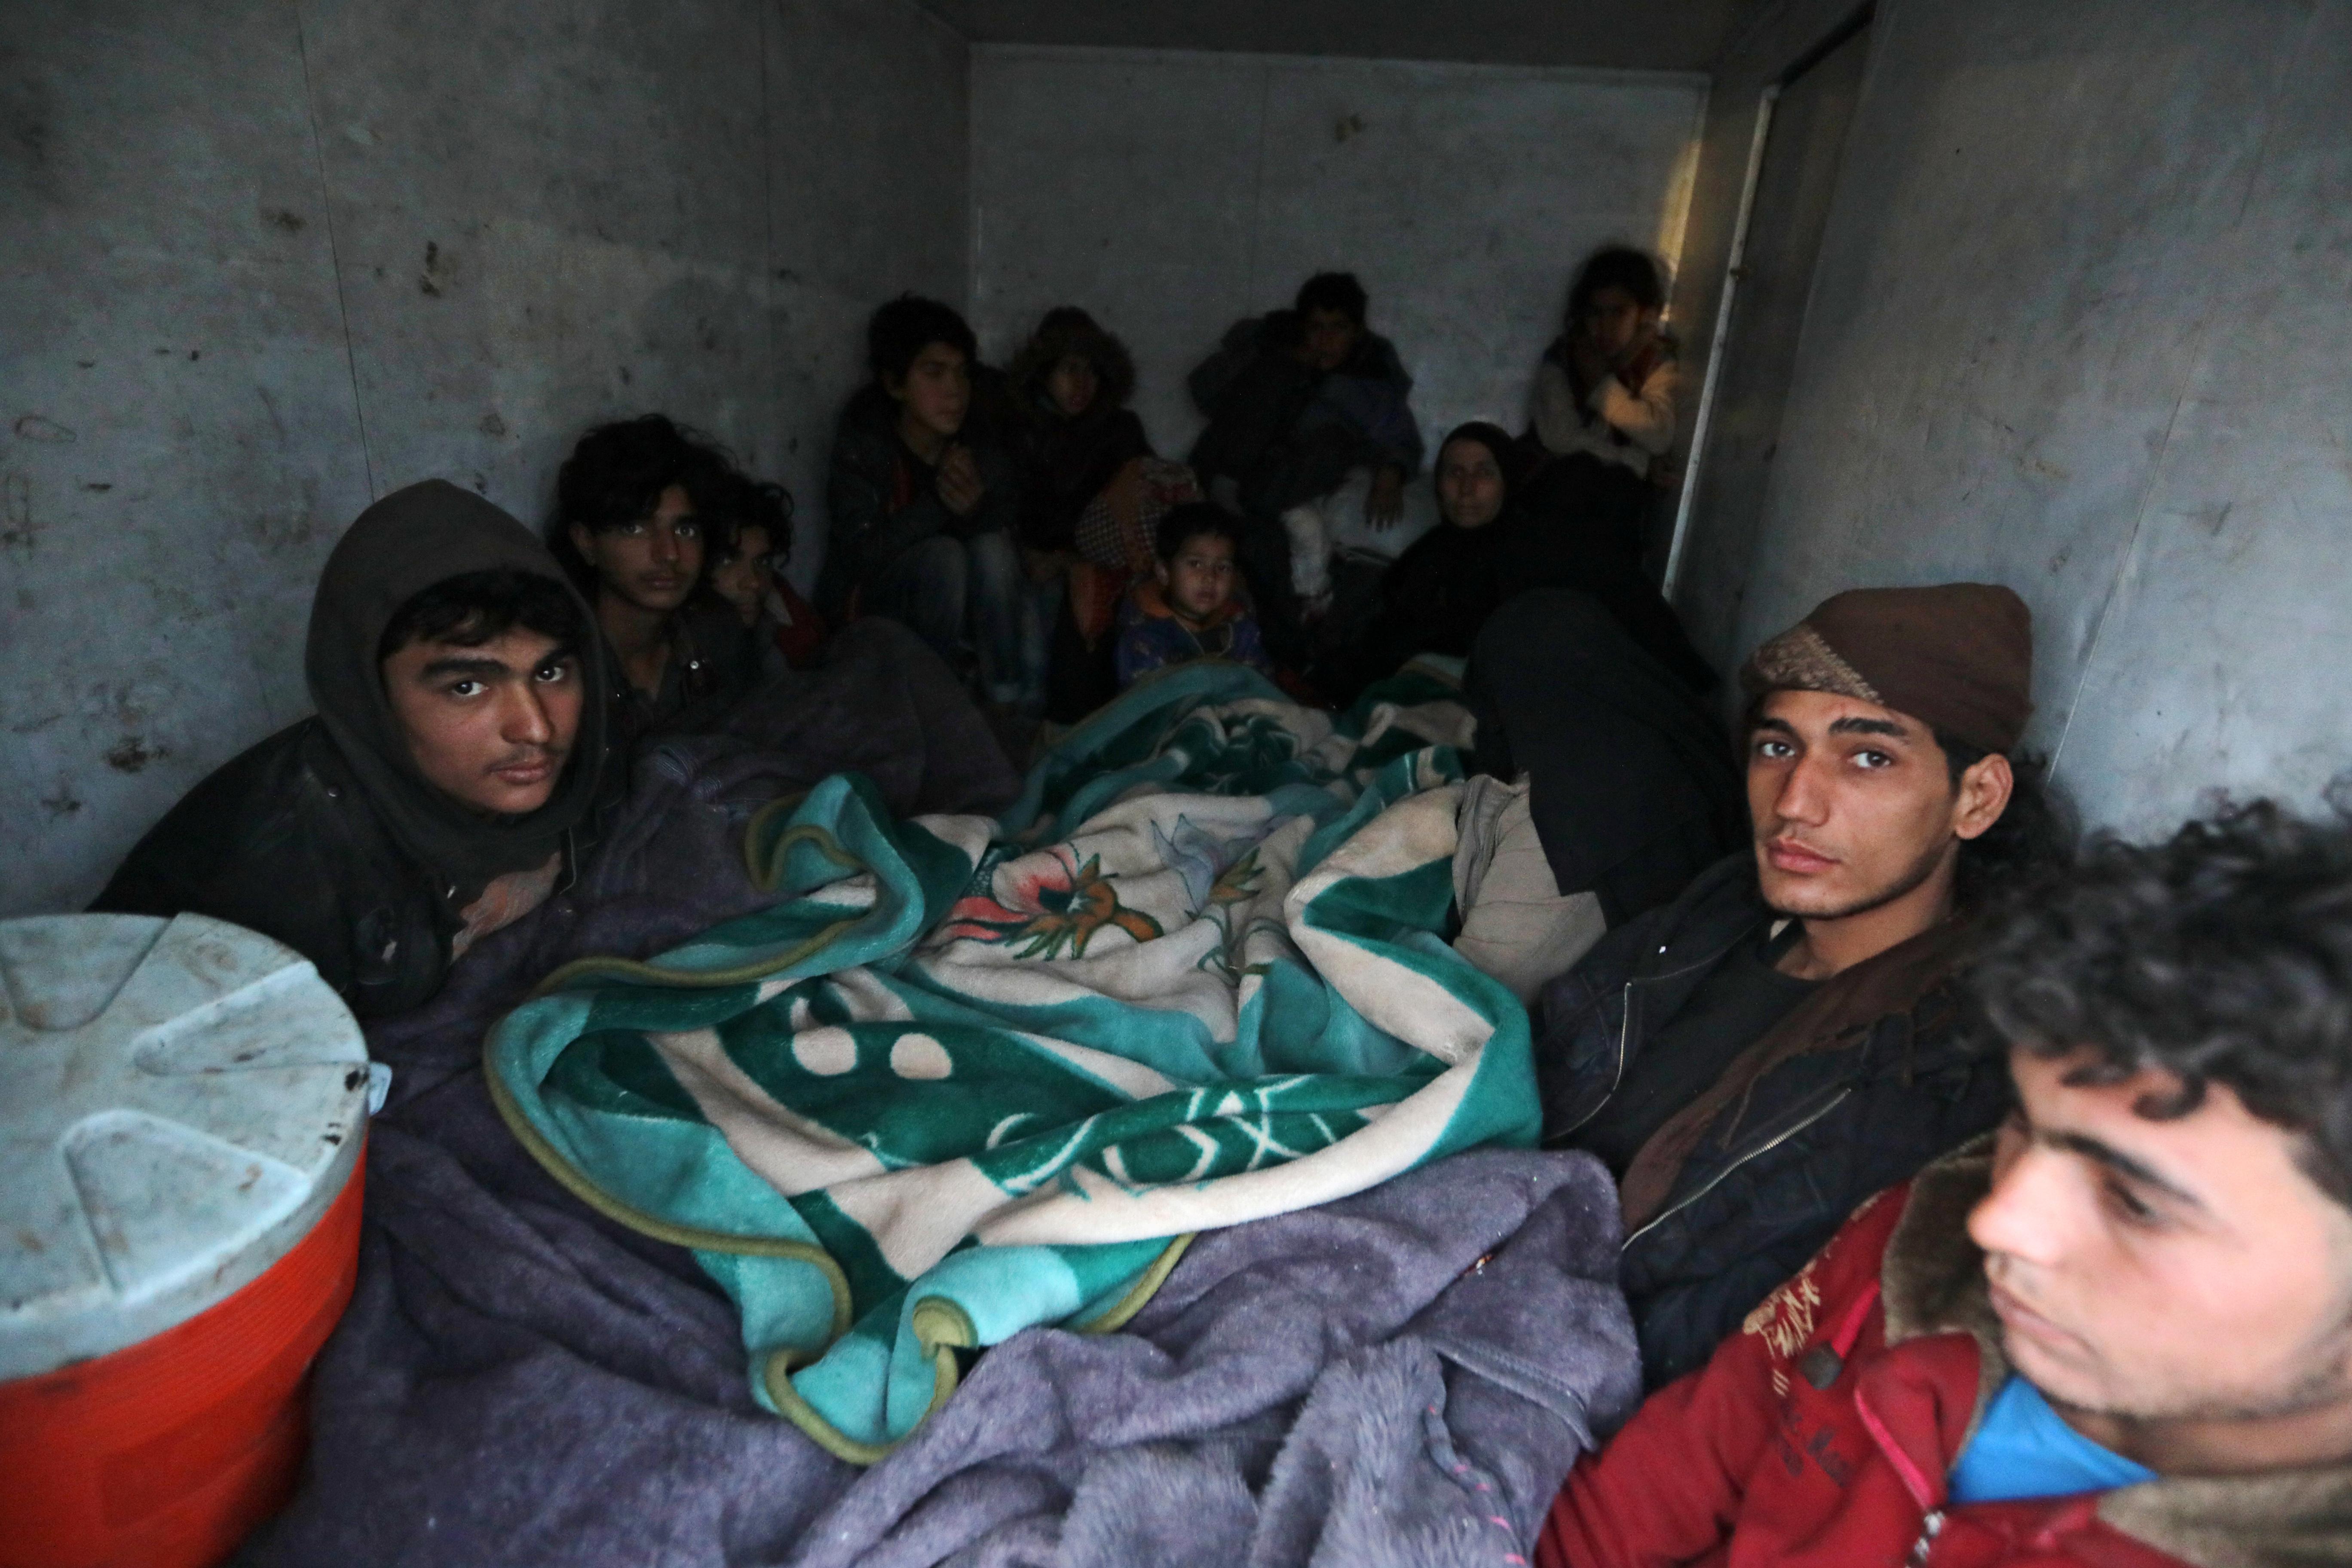 الأمم المتحدة تدعو لوقف إطلاق النار لحماية النازحين